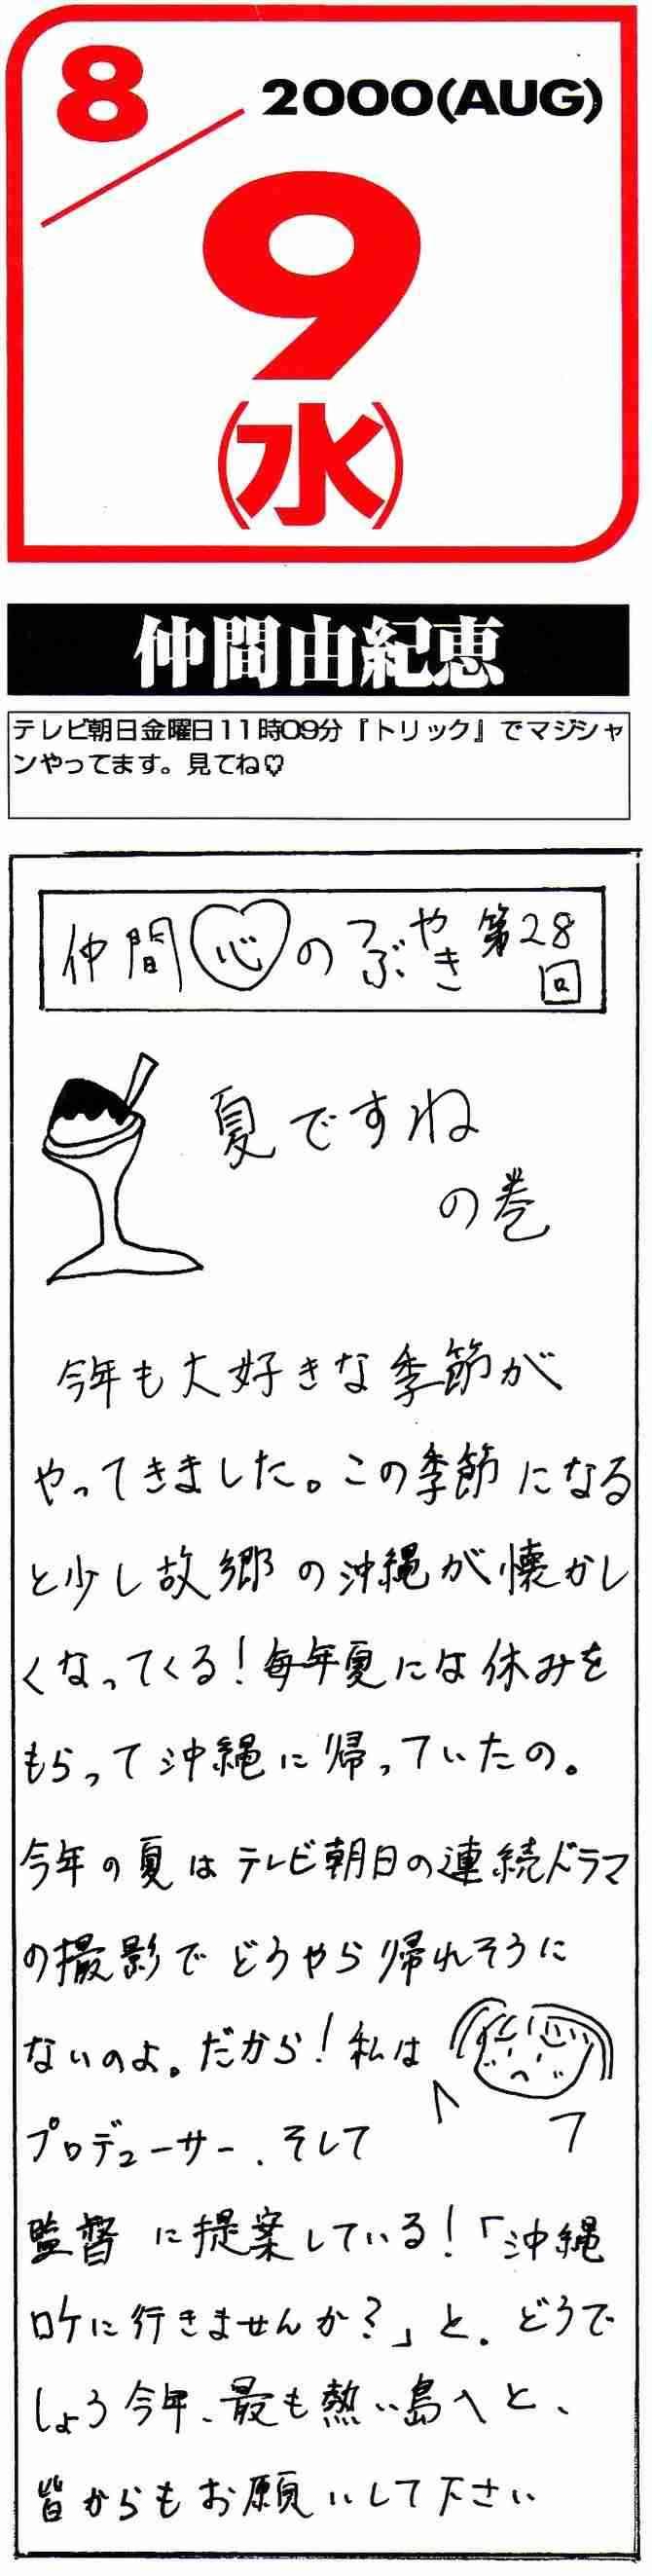 字を見せ合いましょう!